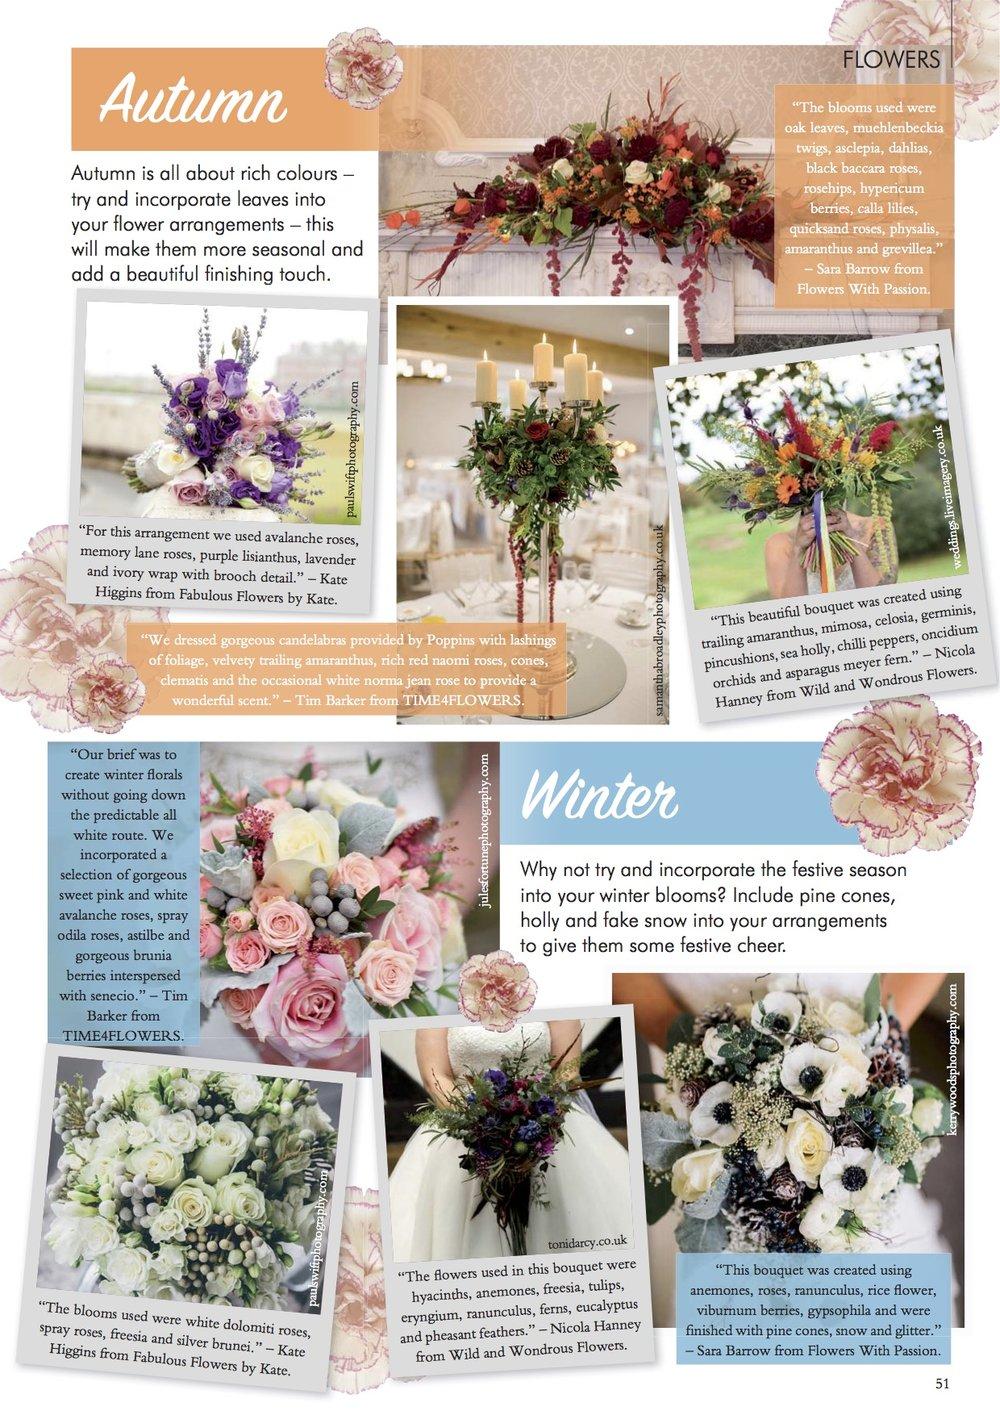 YNWW44 Flowers (3).jpg